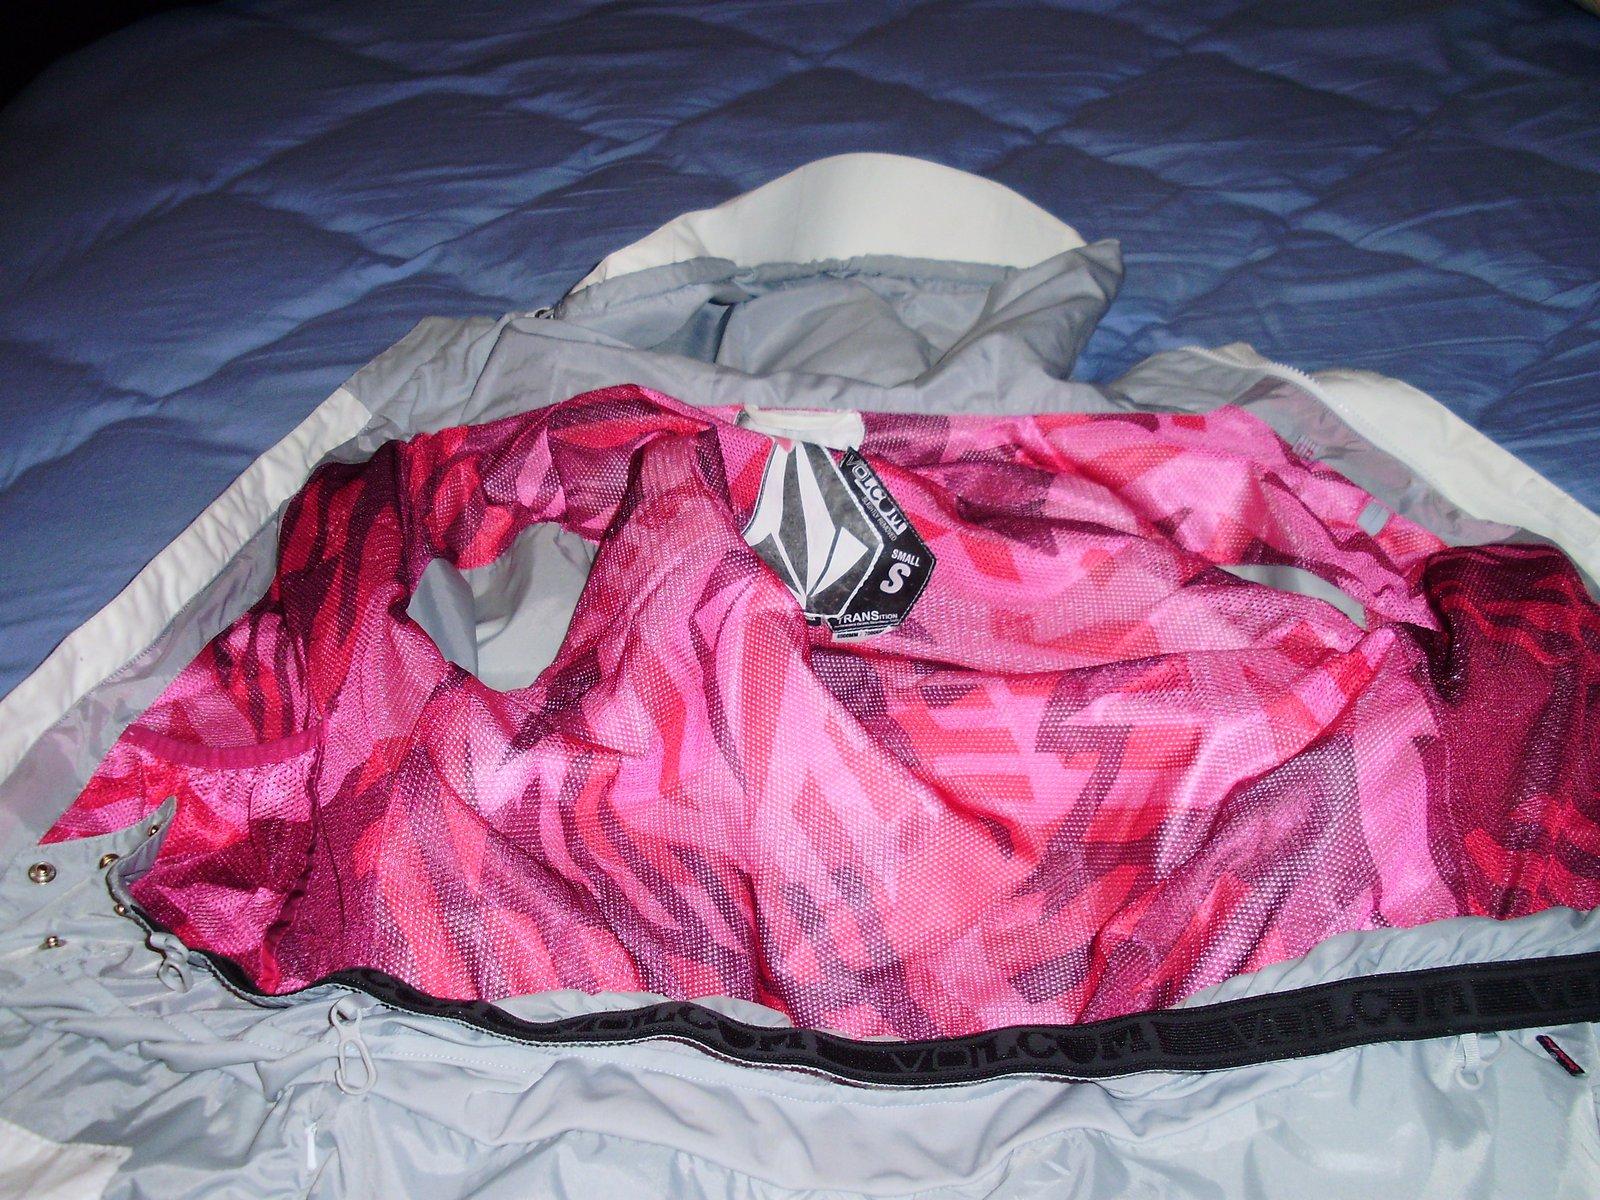 Volcom coat inside